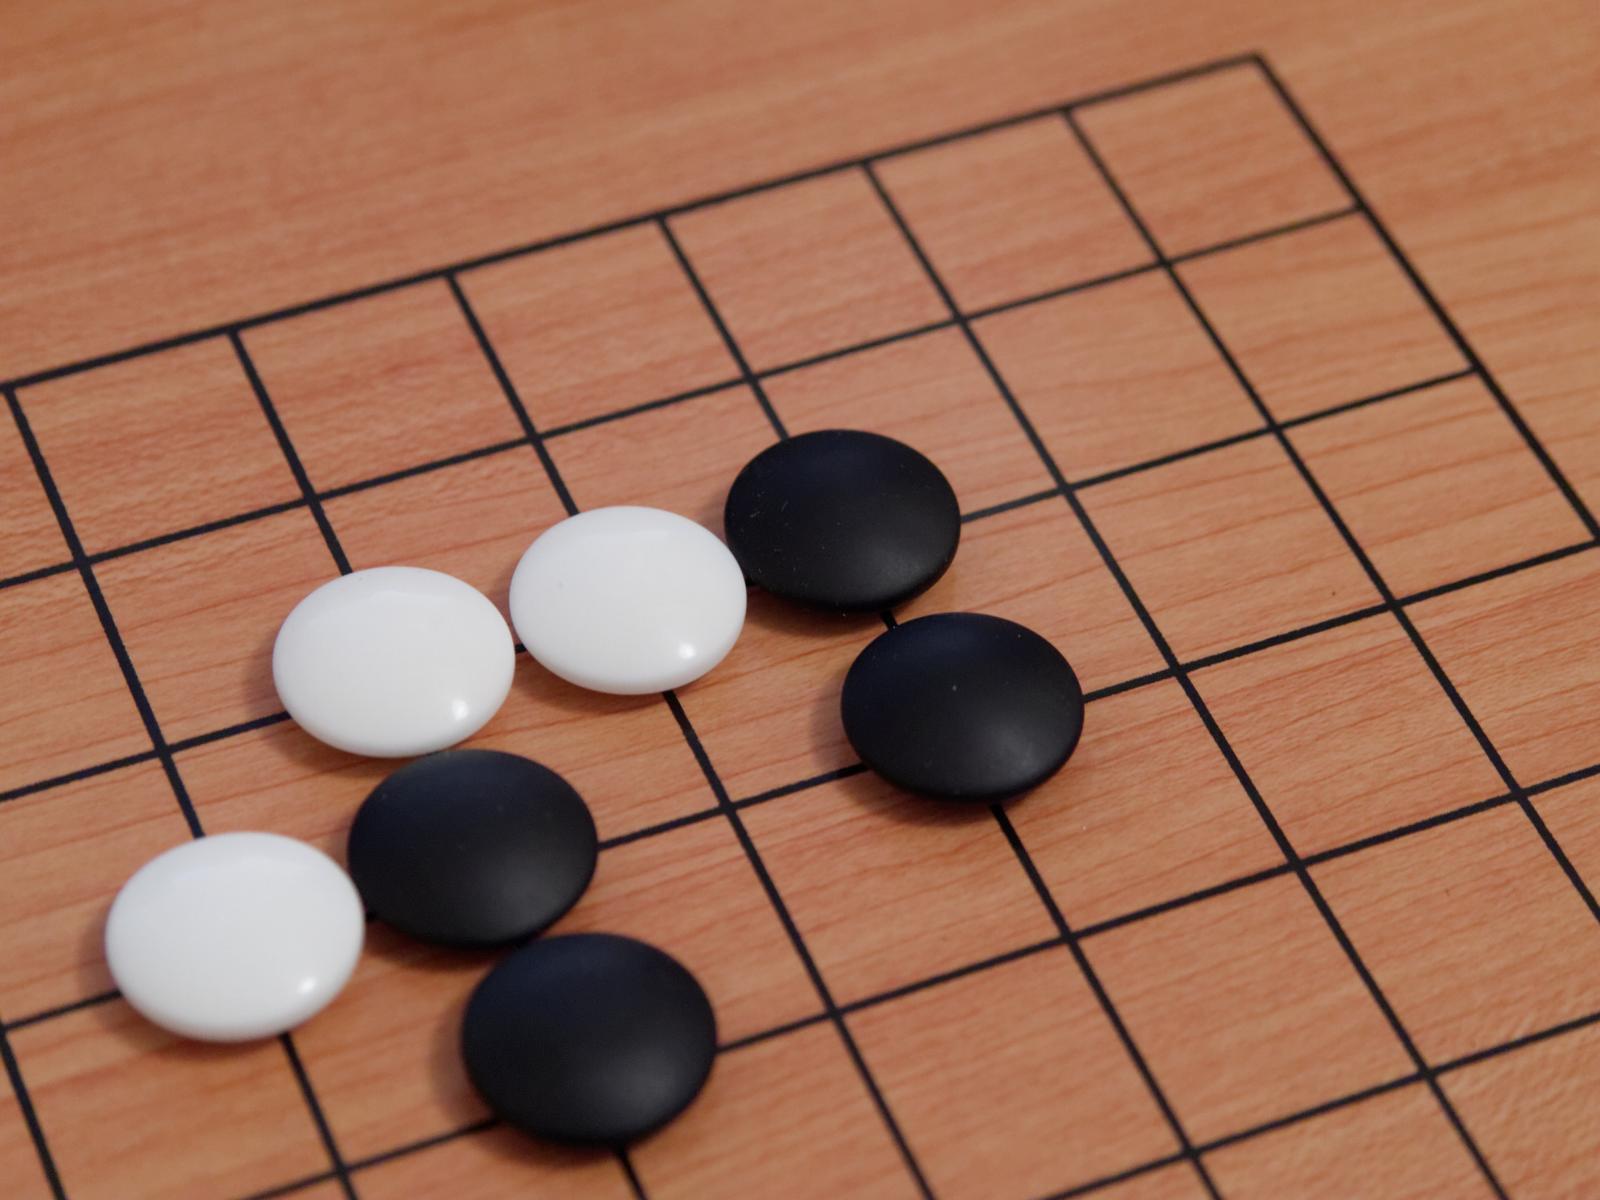 Jeu de Go : l'intelligence artificielle de Google a battu le meilleur joueur mondial